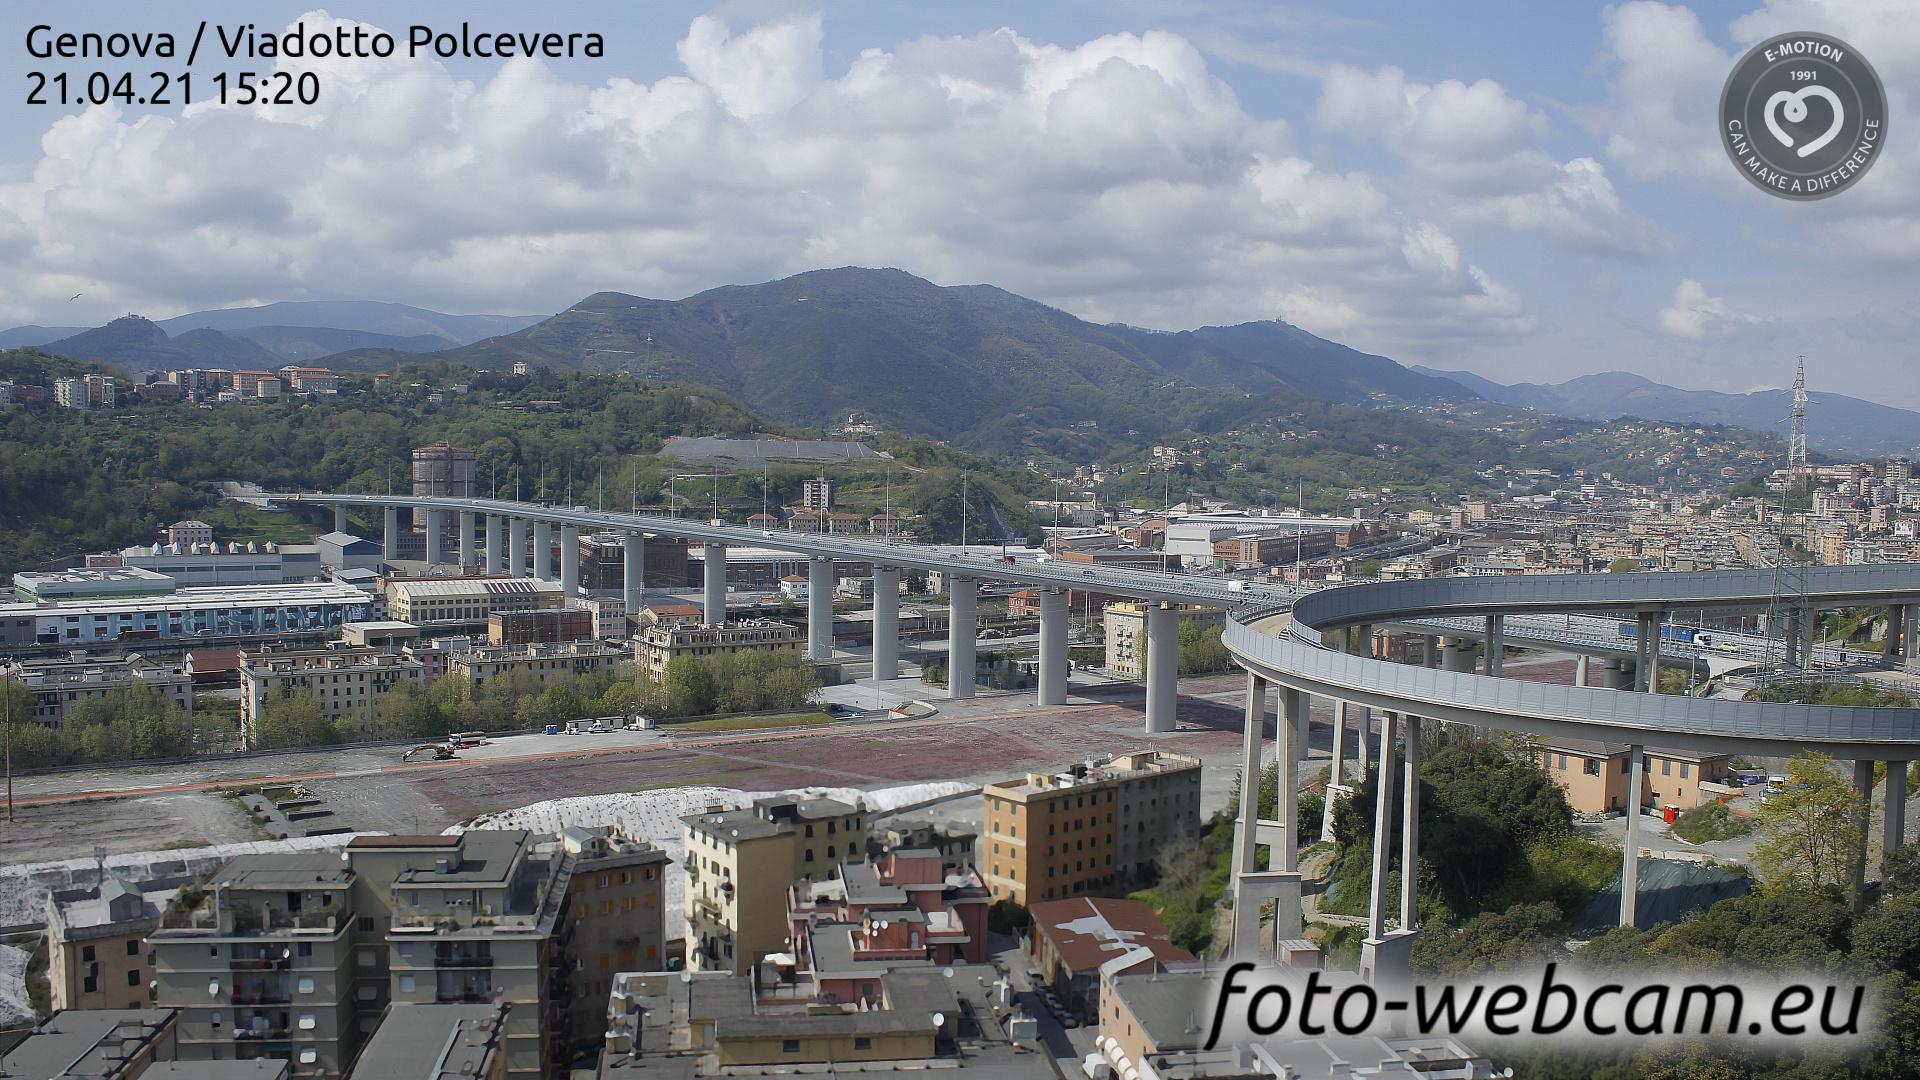 Webcam Genova, Viadotto Polcevera - foto-webcam.eu